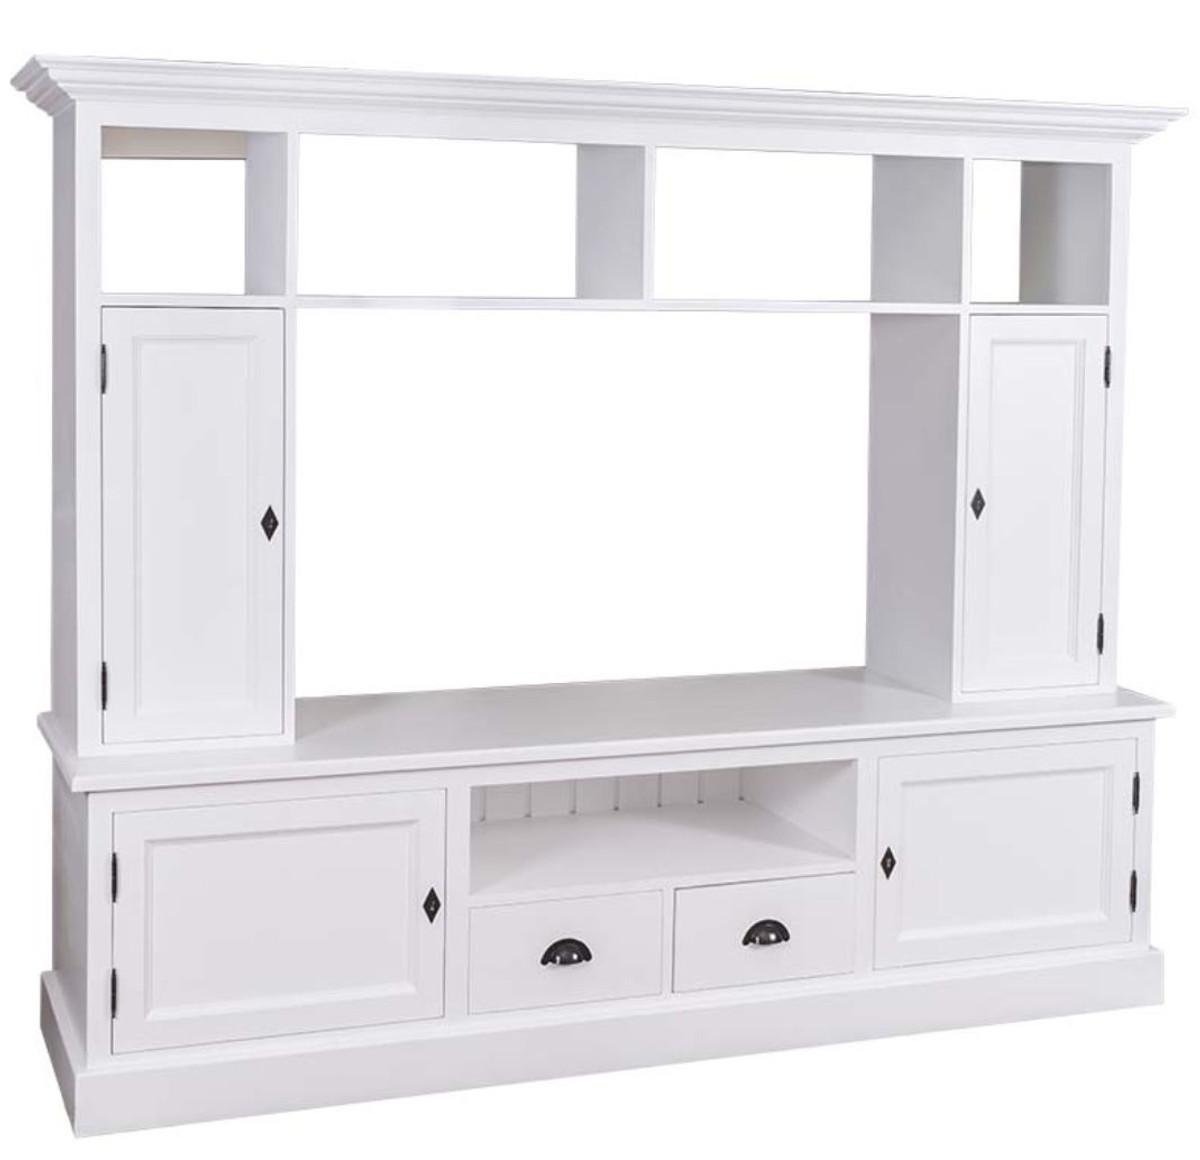 Casa Padrino Landhausstil Wohnzimmer Fernsehschrank Weiß 207 x 46 x ...